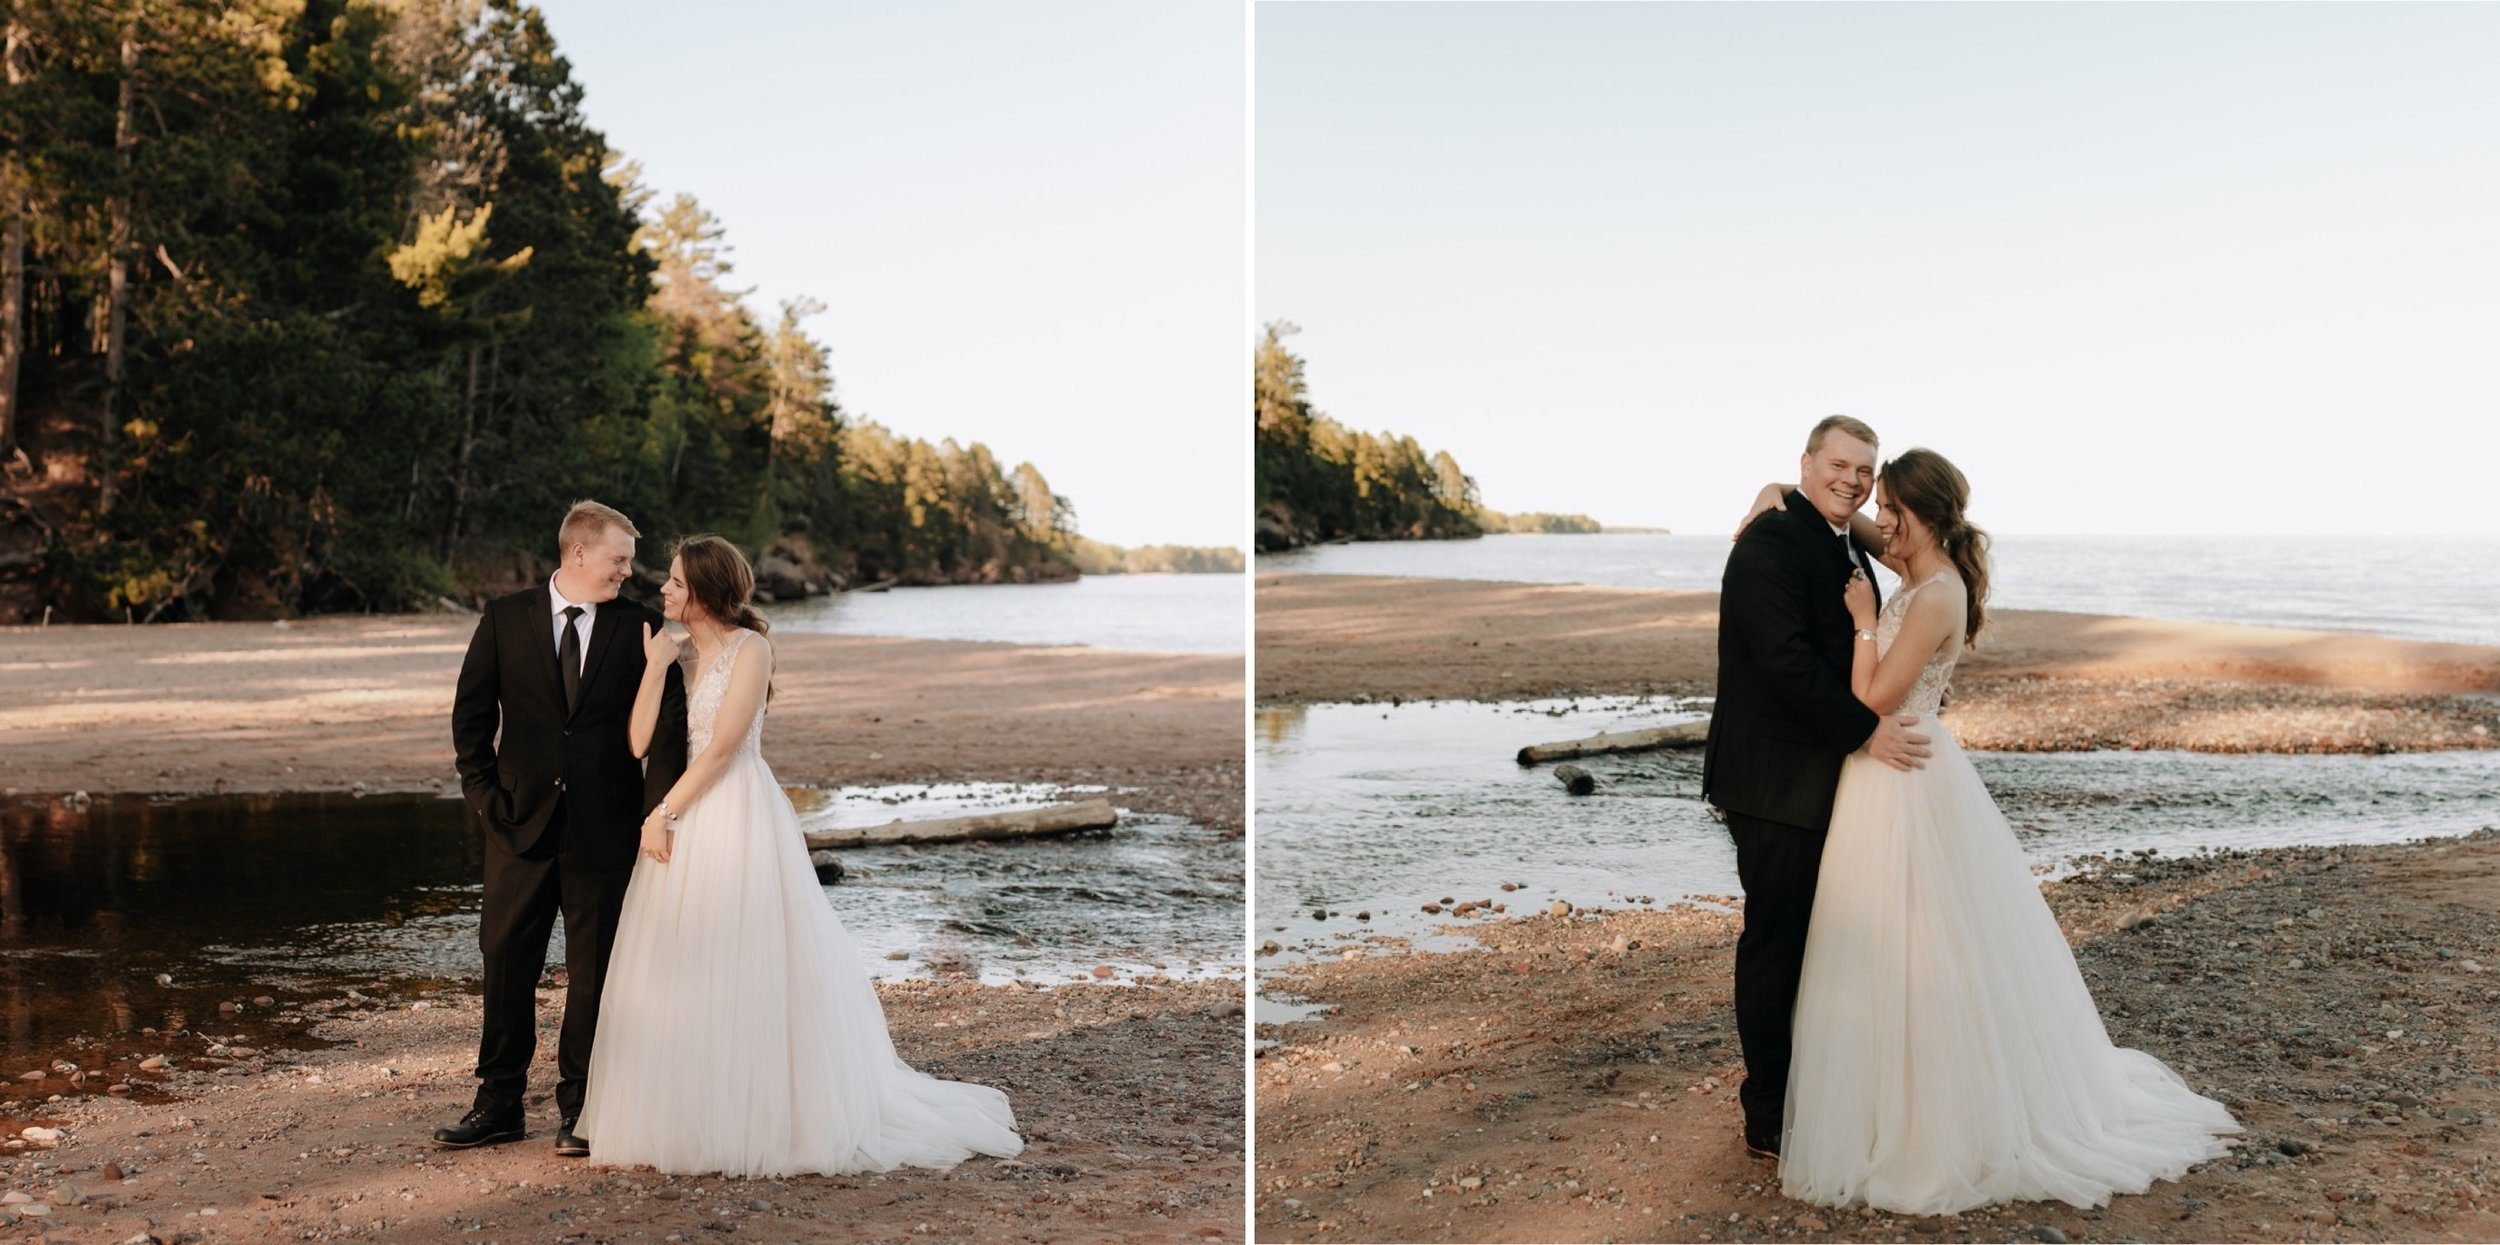 Madeline-Island-Wedding-Photography_63.jpg